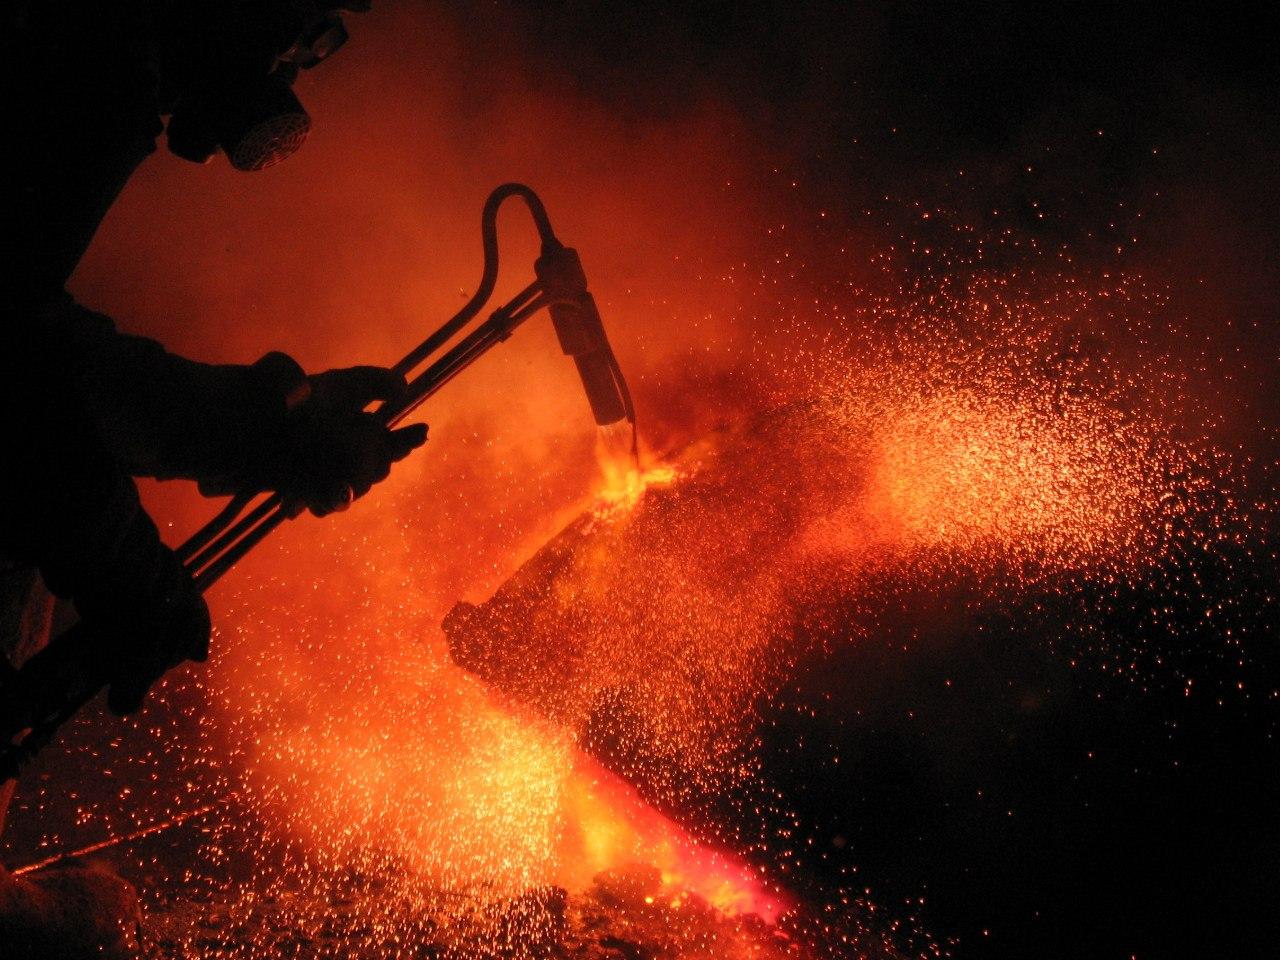 газовая резка металла фото помощью мощного телескопа